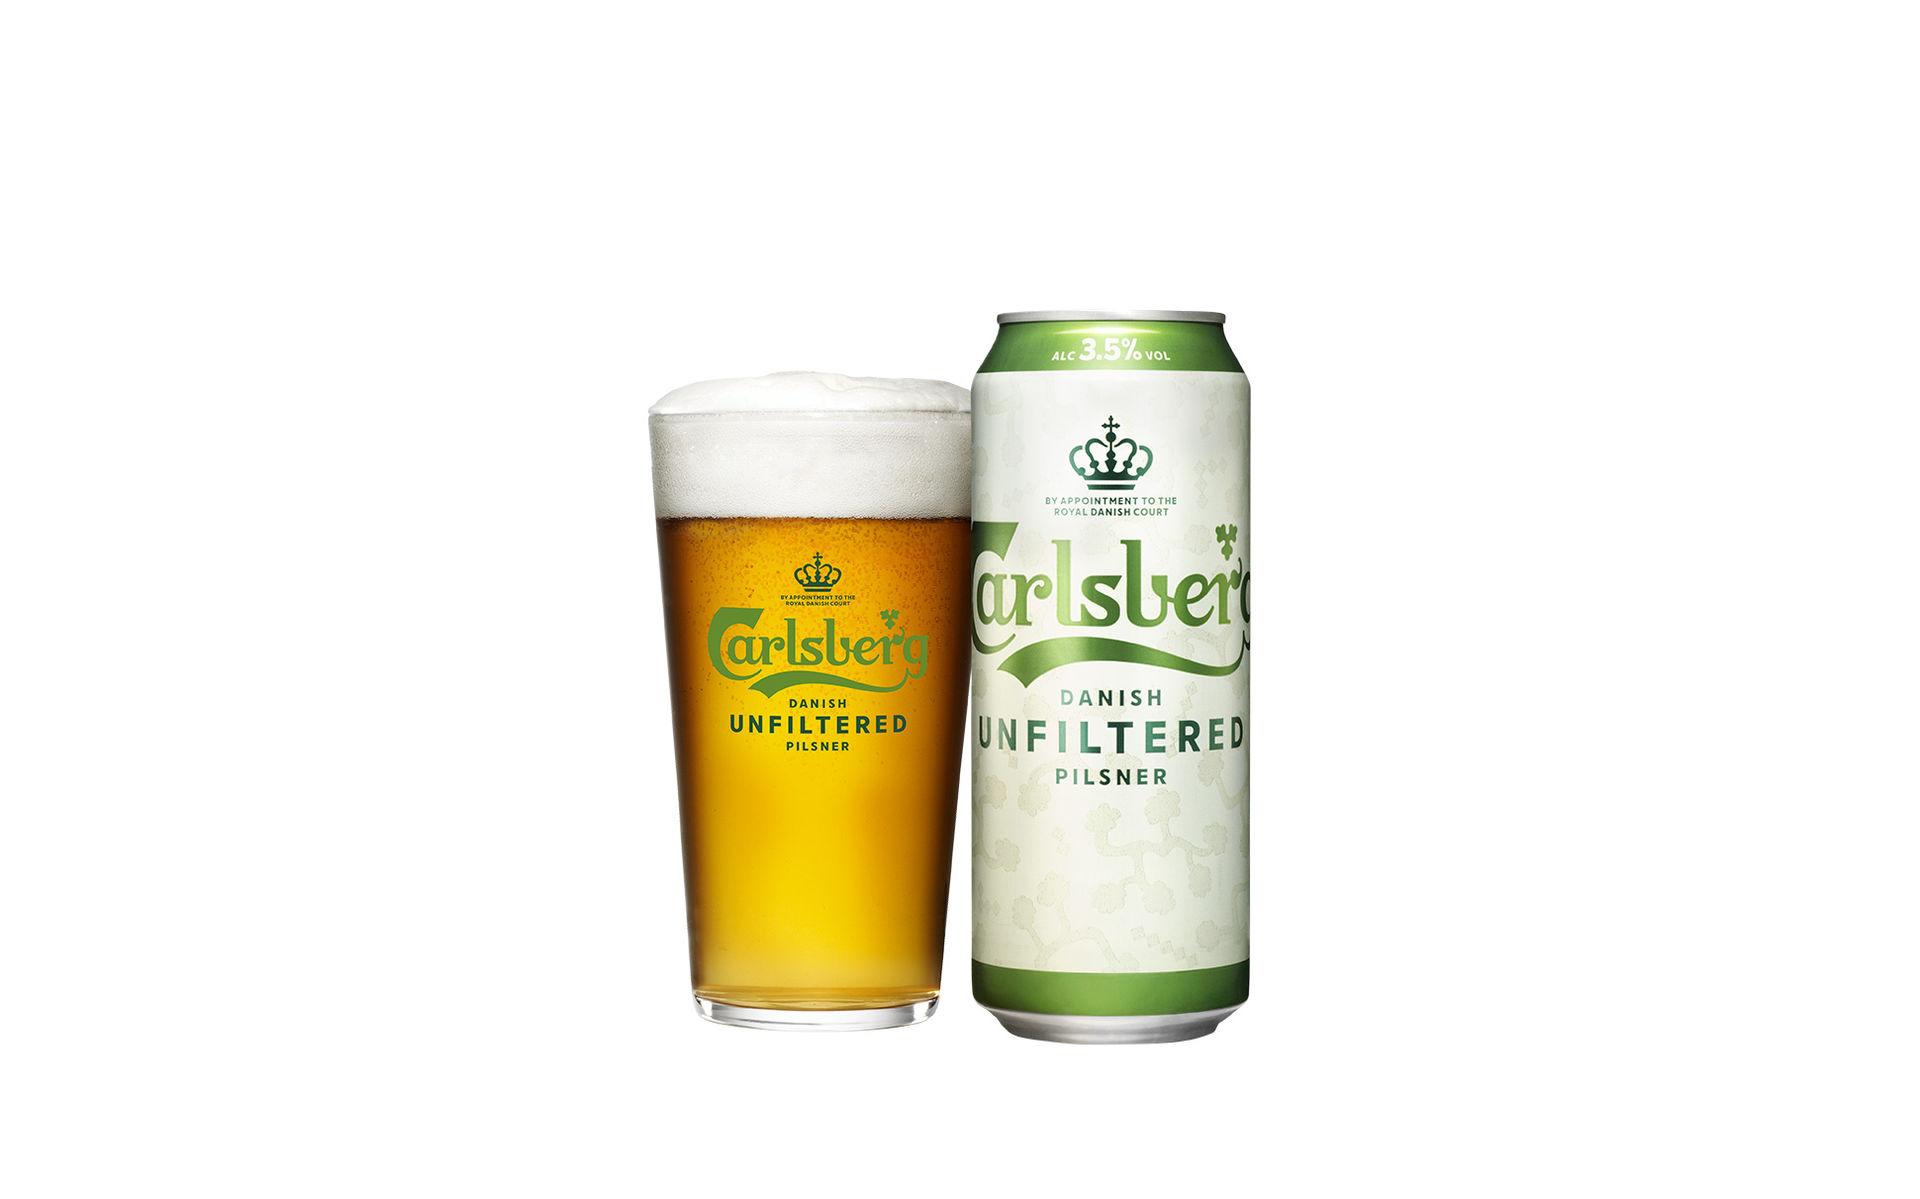 Carlsberg lanserar en ofiltrerad lager